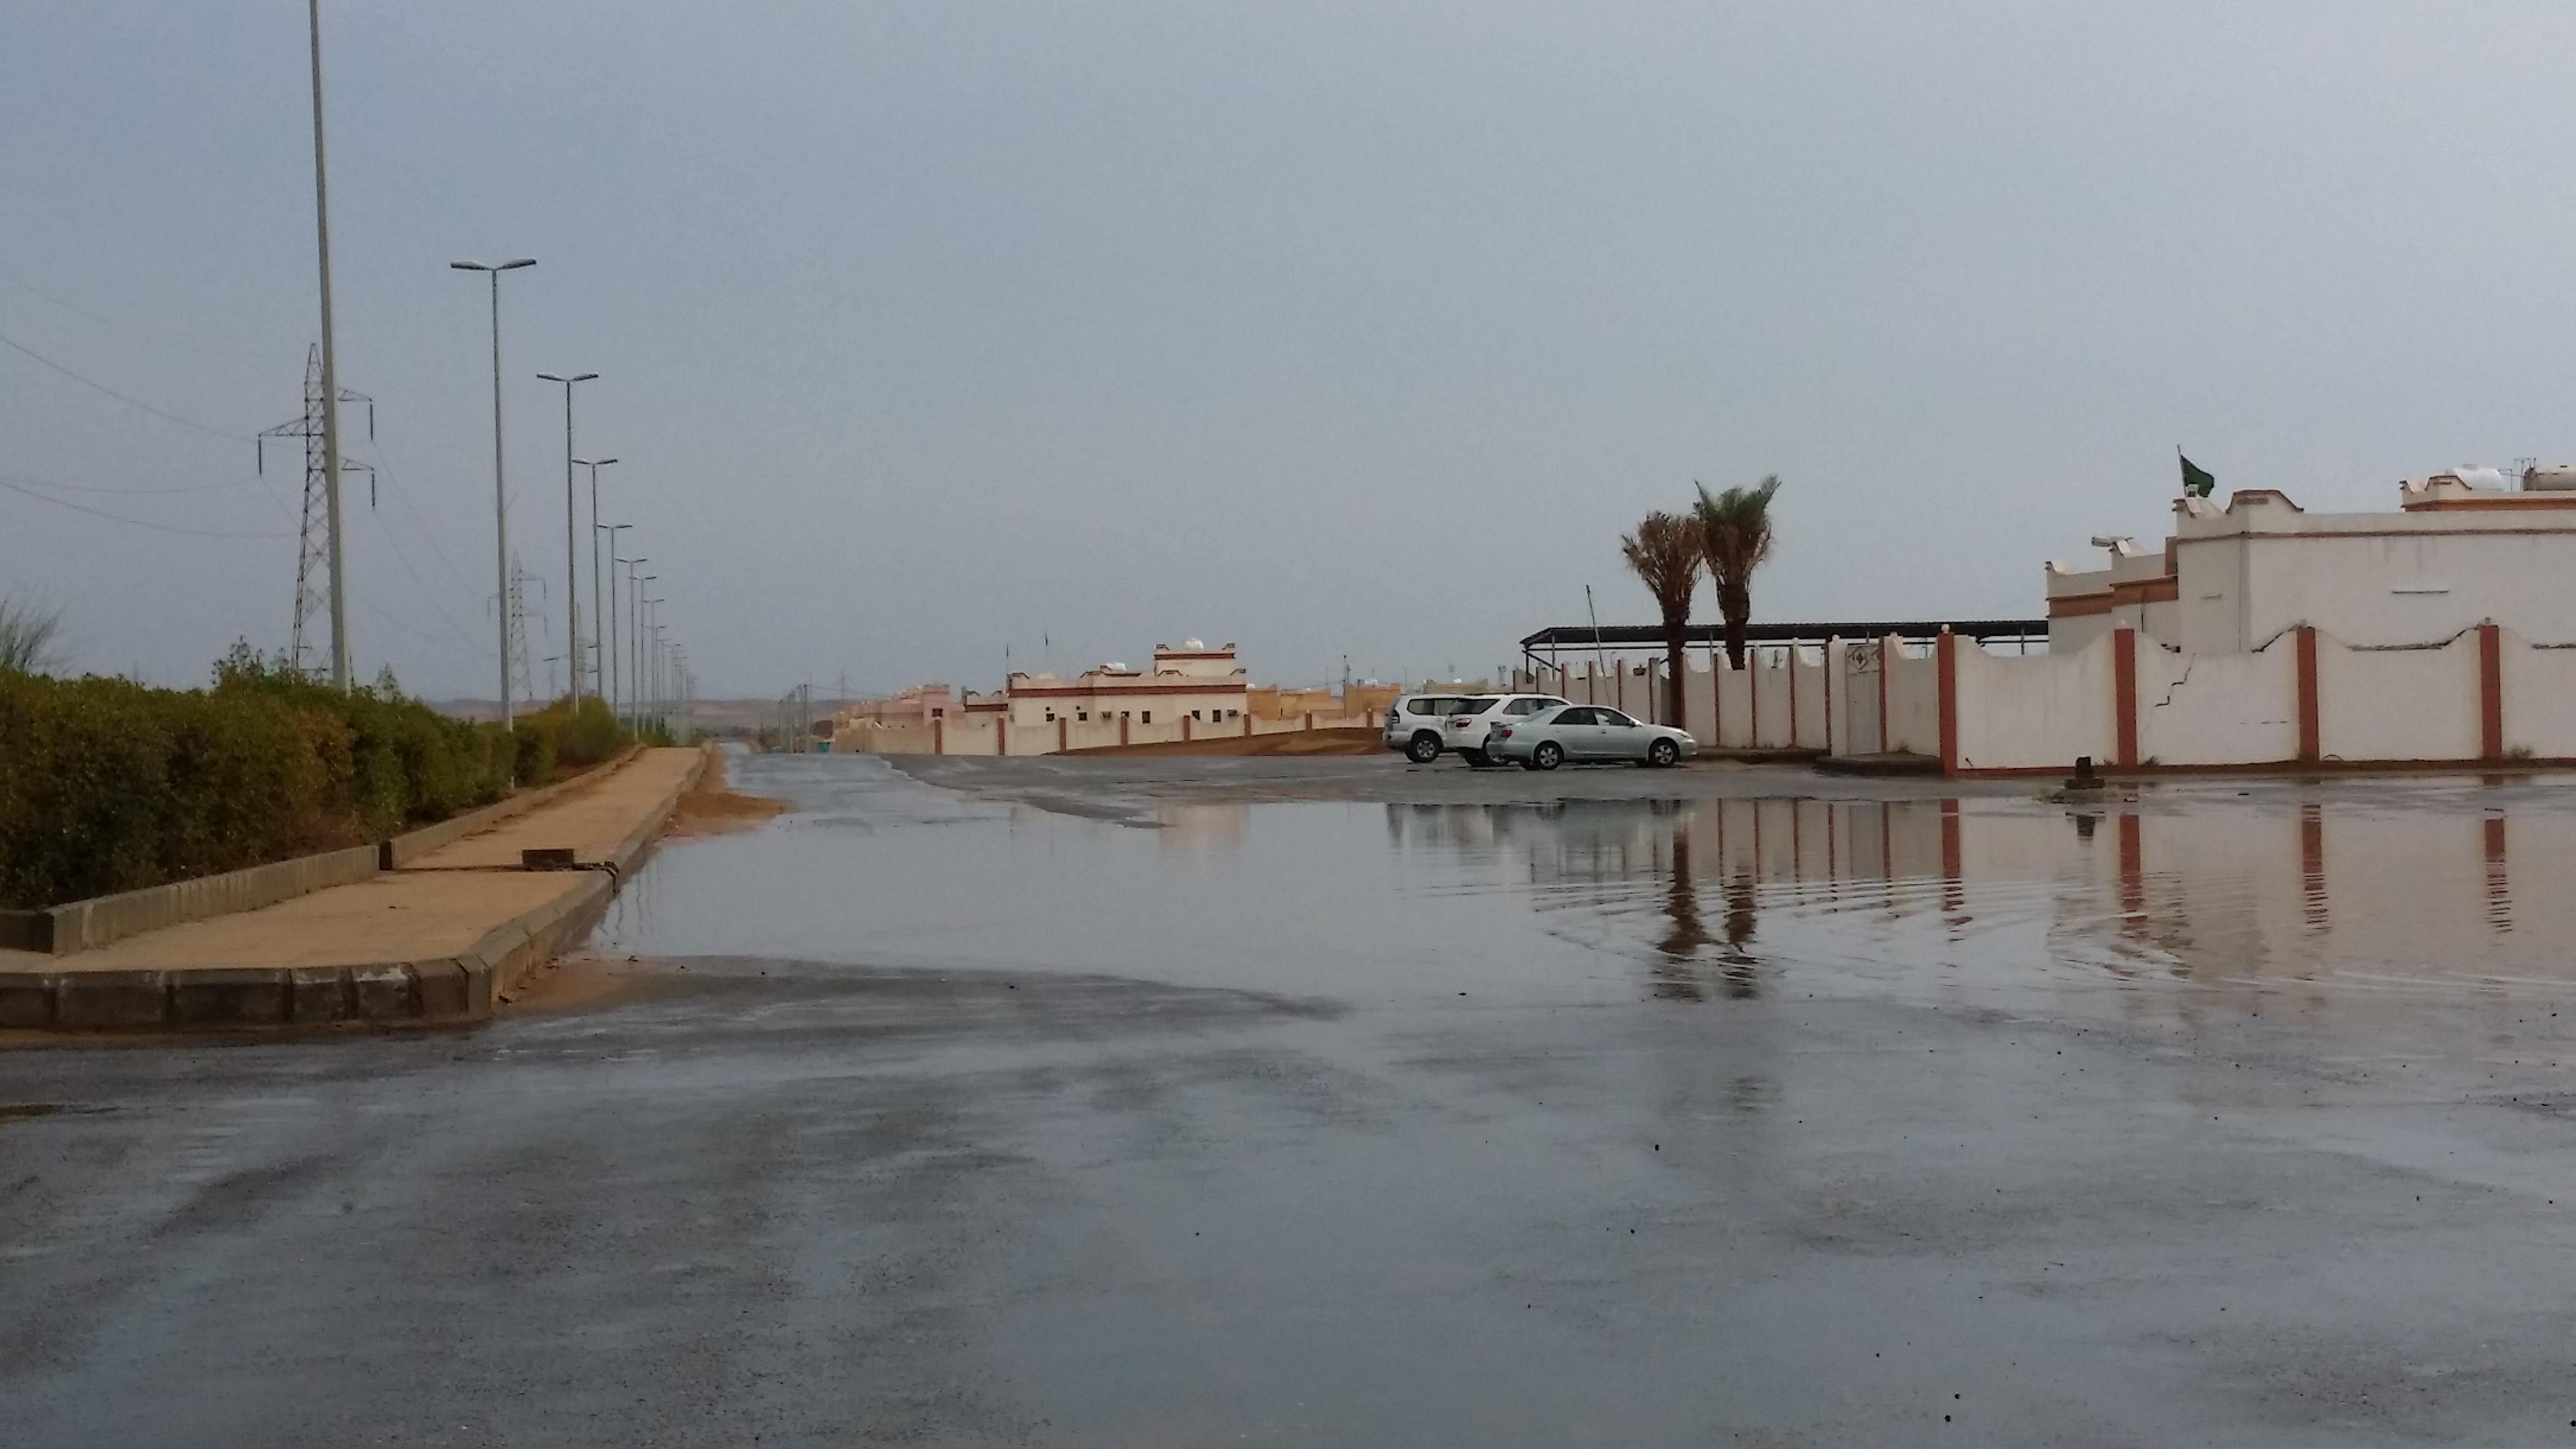 امطار غزيرة تلطف أجواء ساحل عسير (2)